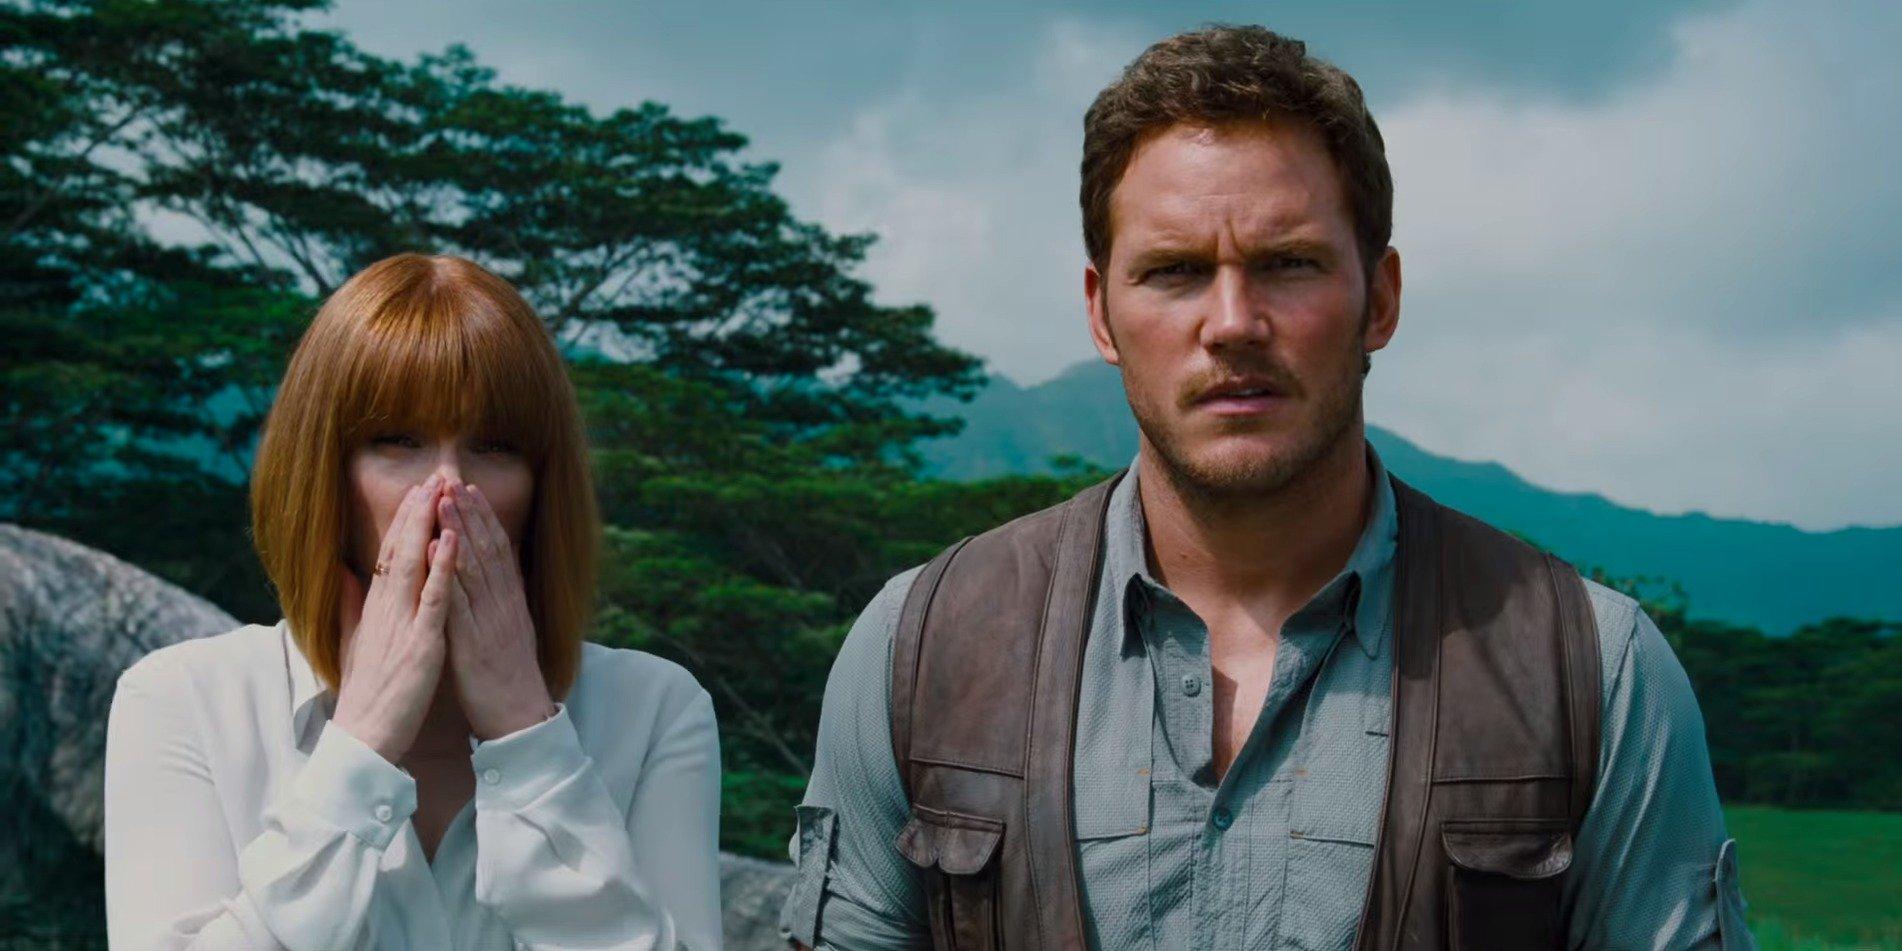 Crítica com Spoilers: Jurassic World, com Chris Pratt